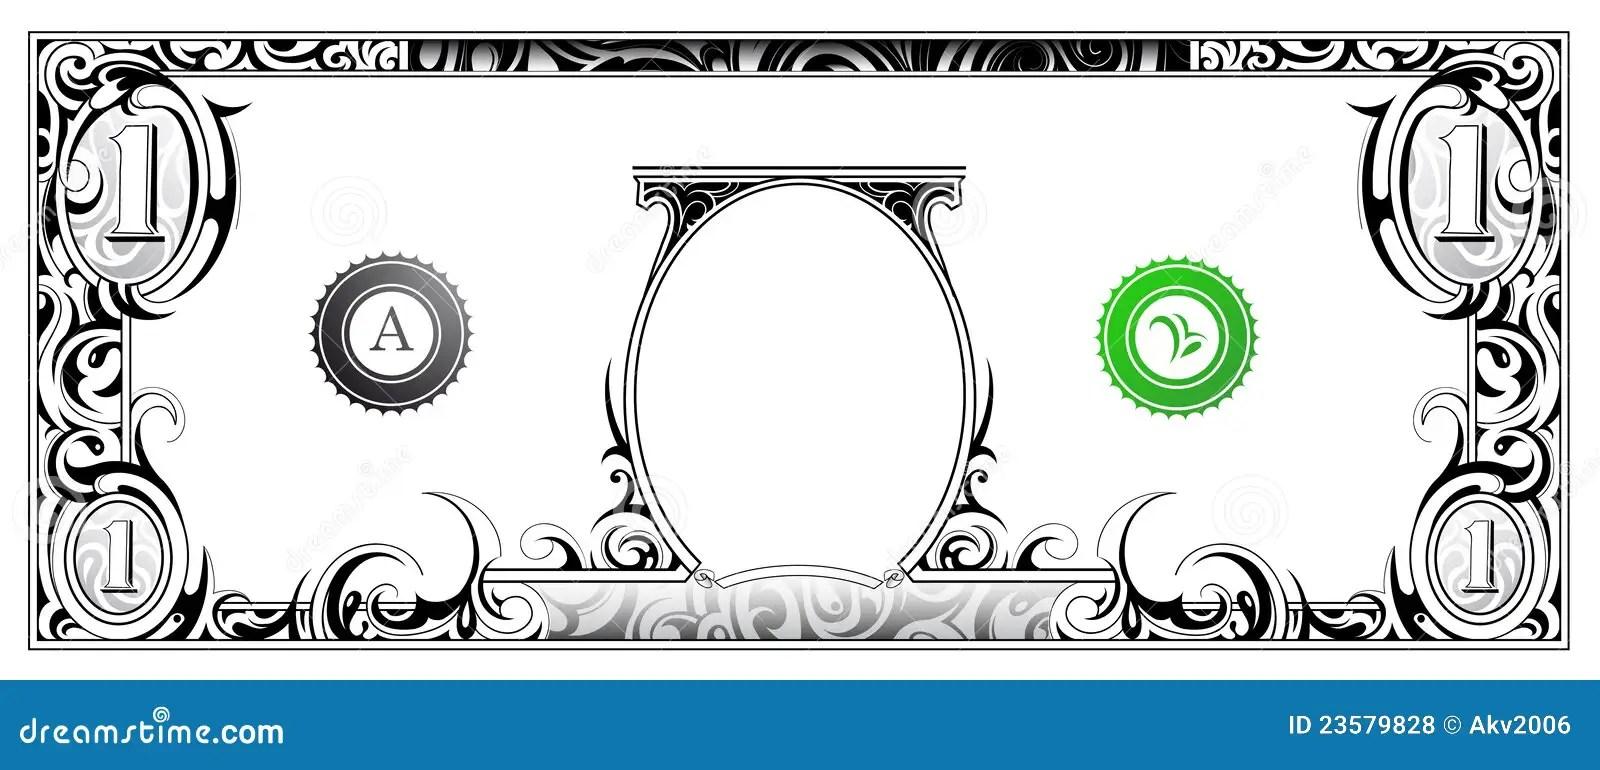 Billet d'un dollar illustration de vecteur. Image du